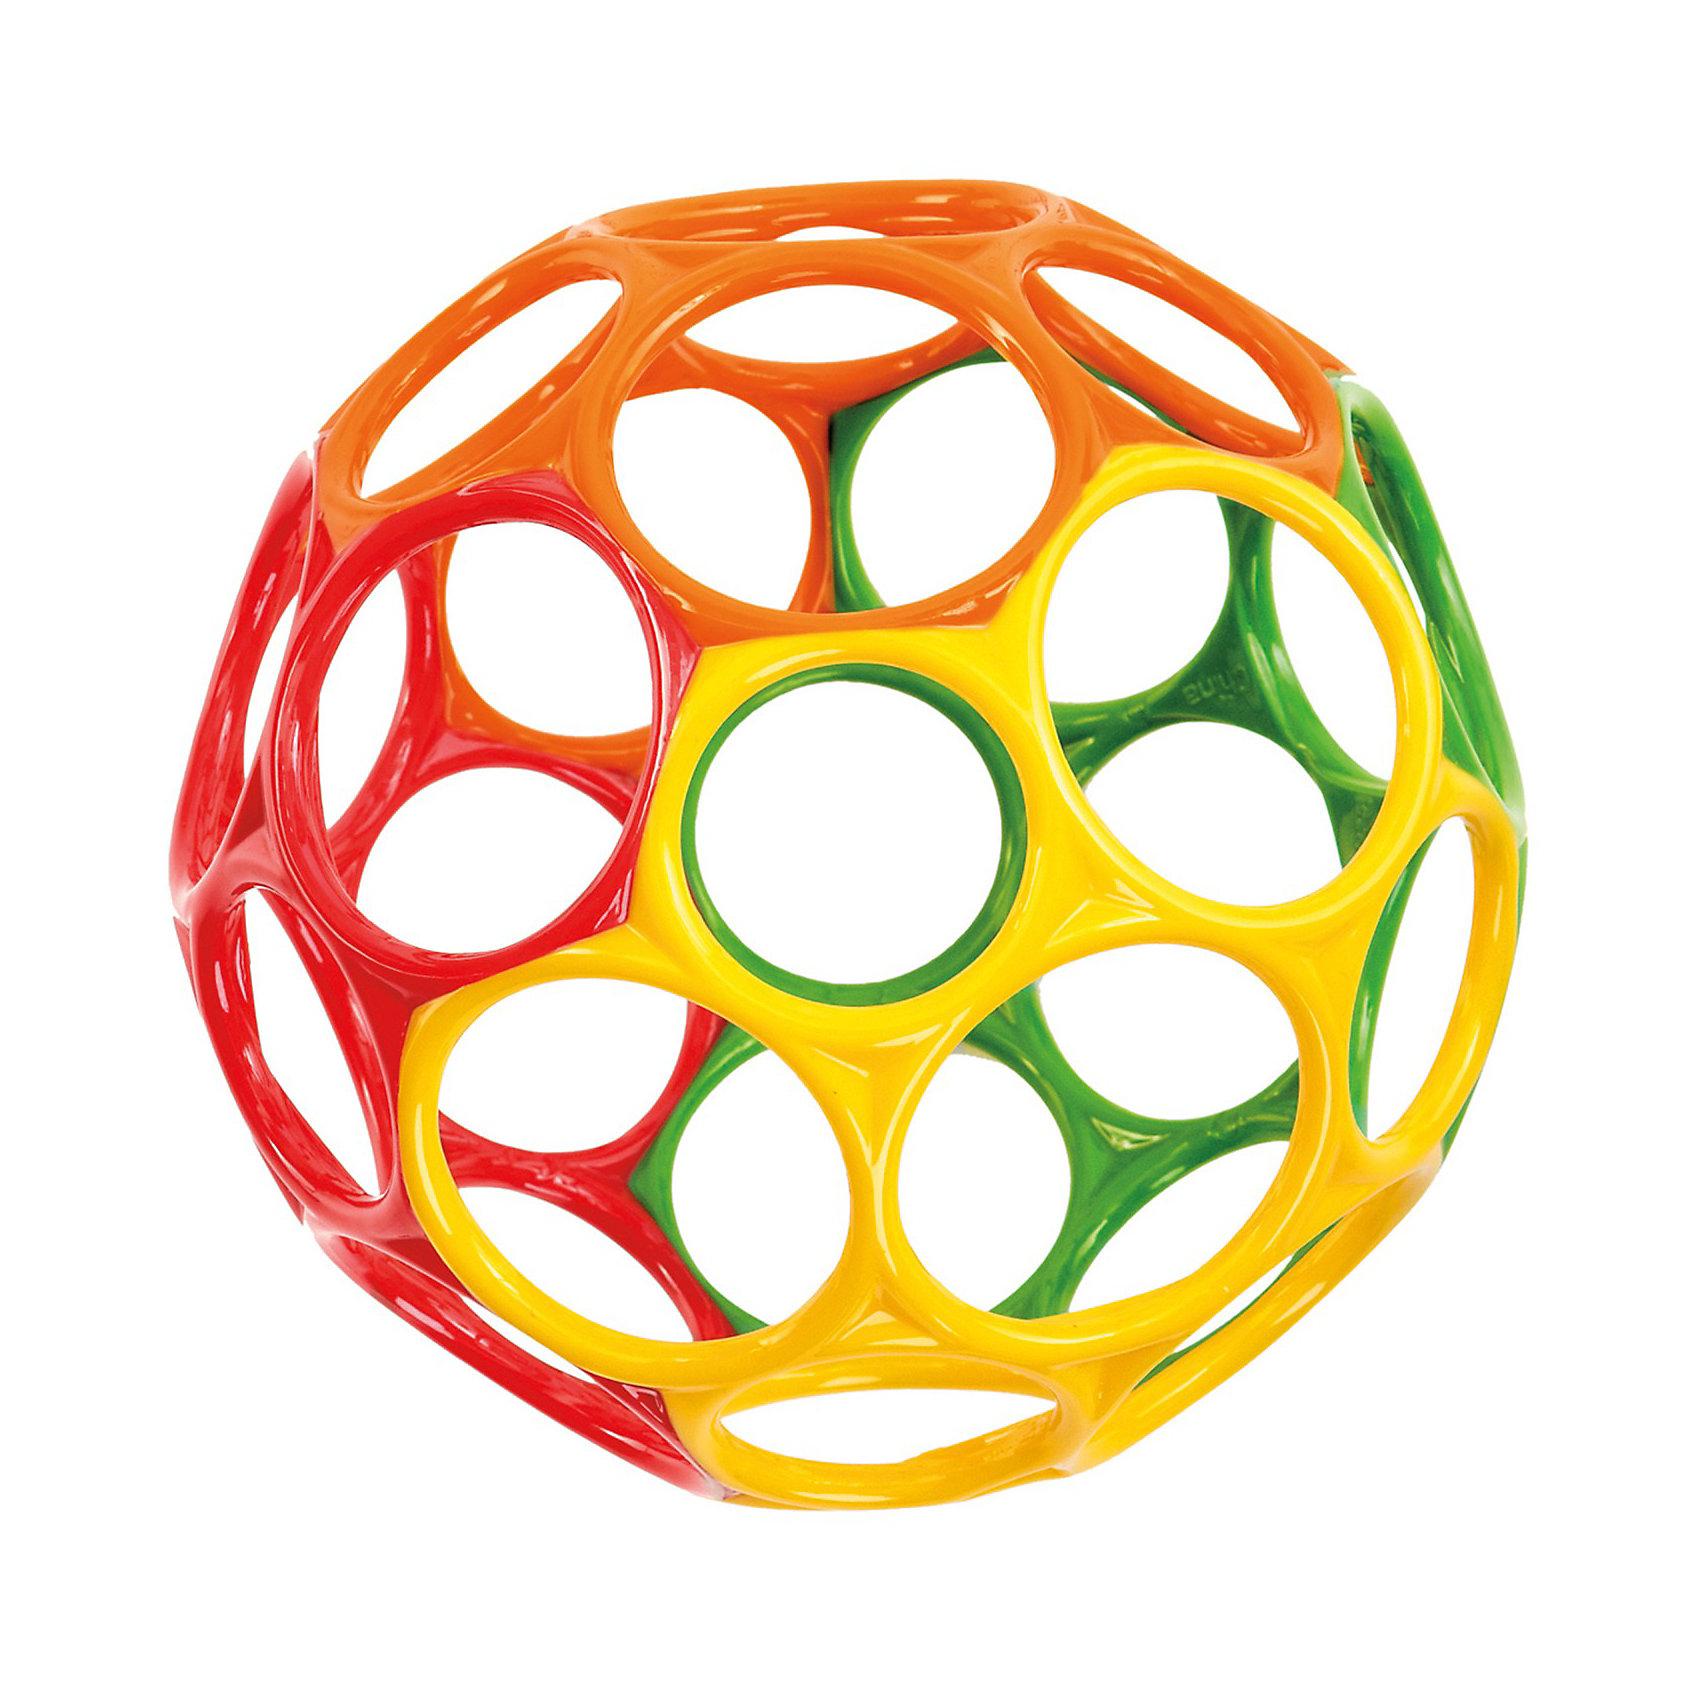 Мячик, 15см, OballЯркий мячик непременно привлечет внимание малыша. Кроха будет пытаться захватить его ручками, развивая зрение, координацию движений, моторику ручек. Мячик легко сжимать, хватать и бросать. Игрушка выполнена из экологичных, безопасных для детей материалов.<br><br>Дополнительная информация:<br><br>- Материал: пластик.<br>- Размер: d- 15 см. <br>- Можно мыть в посудомоечной машине.<br><br>Мячик, 15см, Oball, можно купить в нашем магазине.<br><br>Ширина мм: 179<br>Глубина мм: 177<br>Высота мм: 149<br>Вес г: 141<br>Возраст от месяцев: 3<br>Возраст до месяцев: 24<br>Пол: Унисекс<br>Возраст: Детский<br>SKU: 2539931